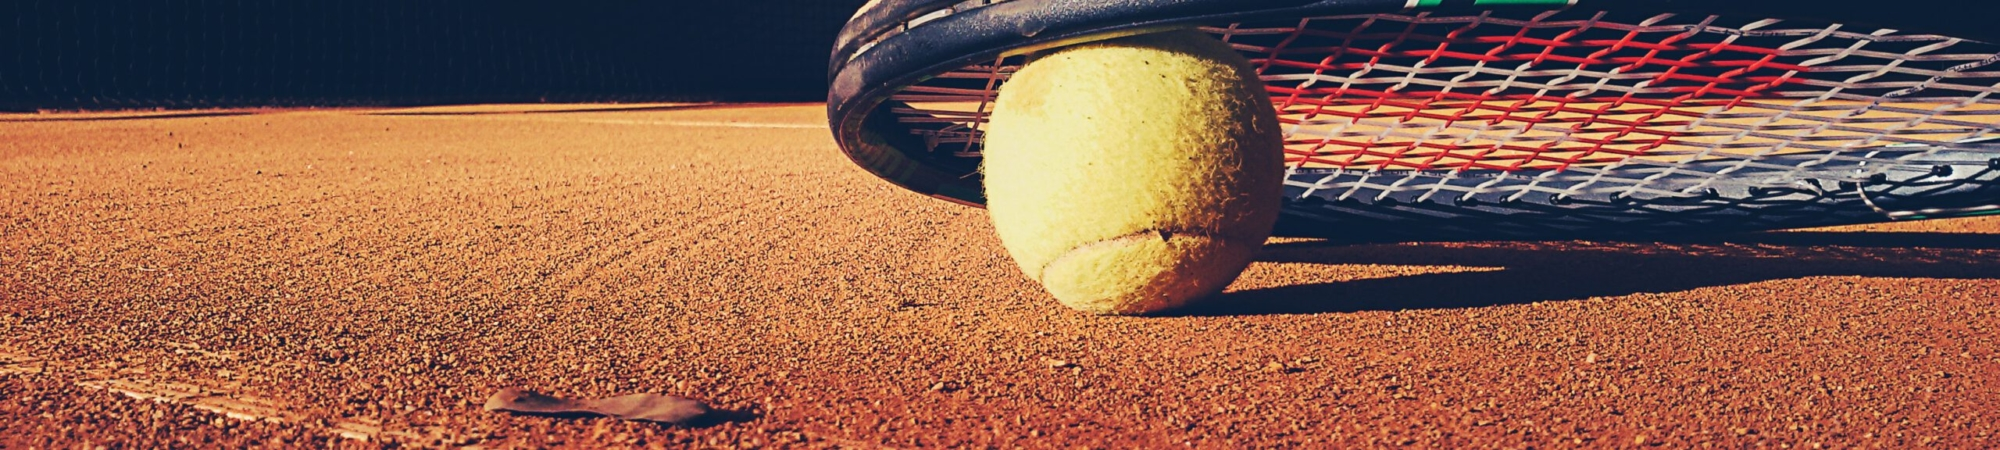 El tenis es un deporte que se practica con raquetas y una pequeña pelota.